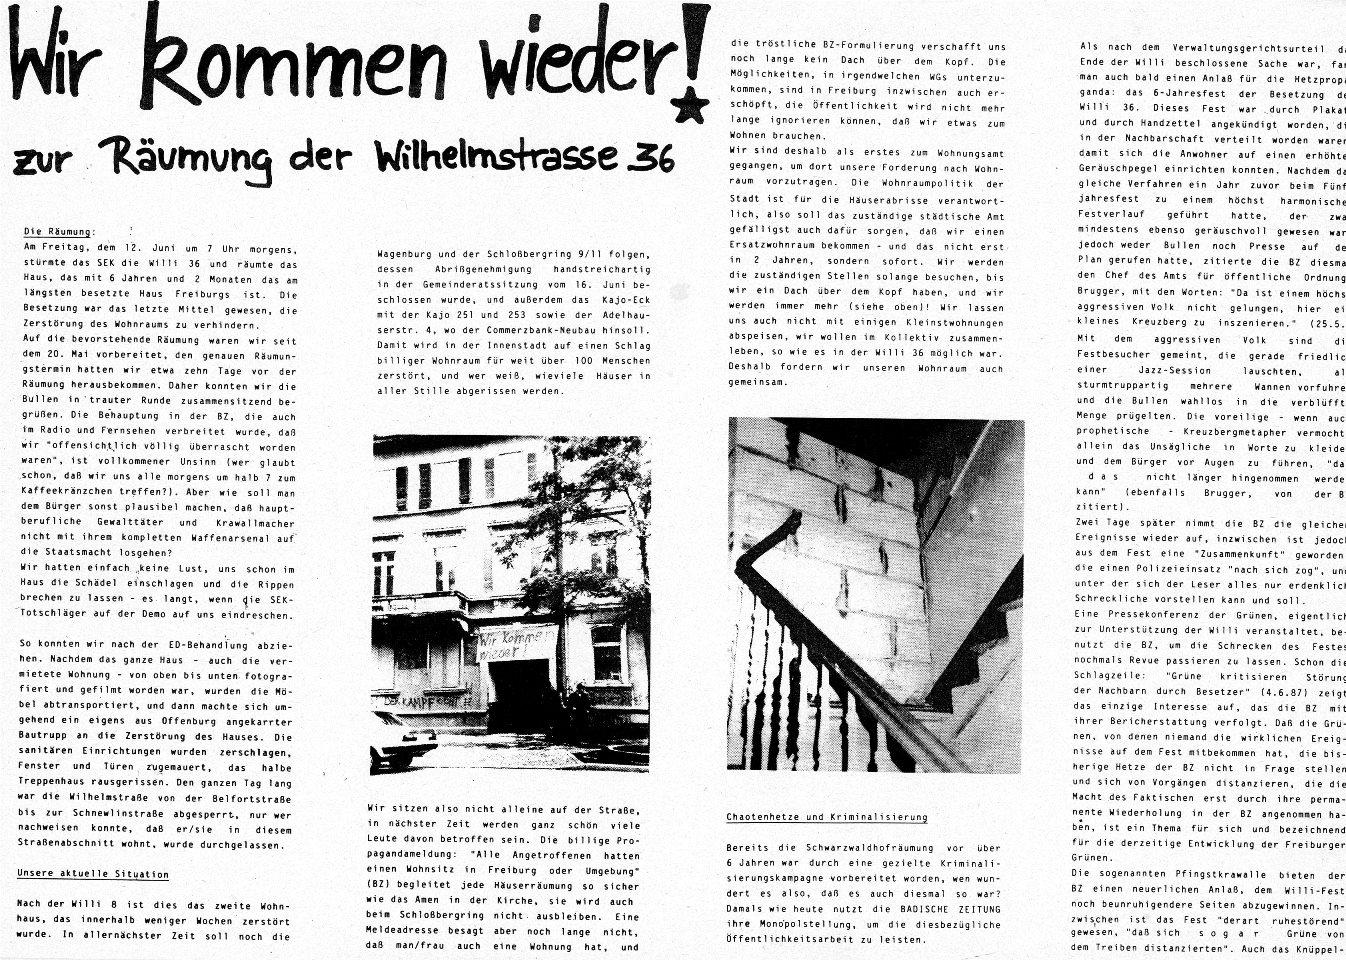 Freiburg_Hausbesetzung_03_Willi_und_andere_32